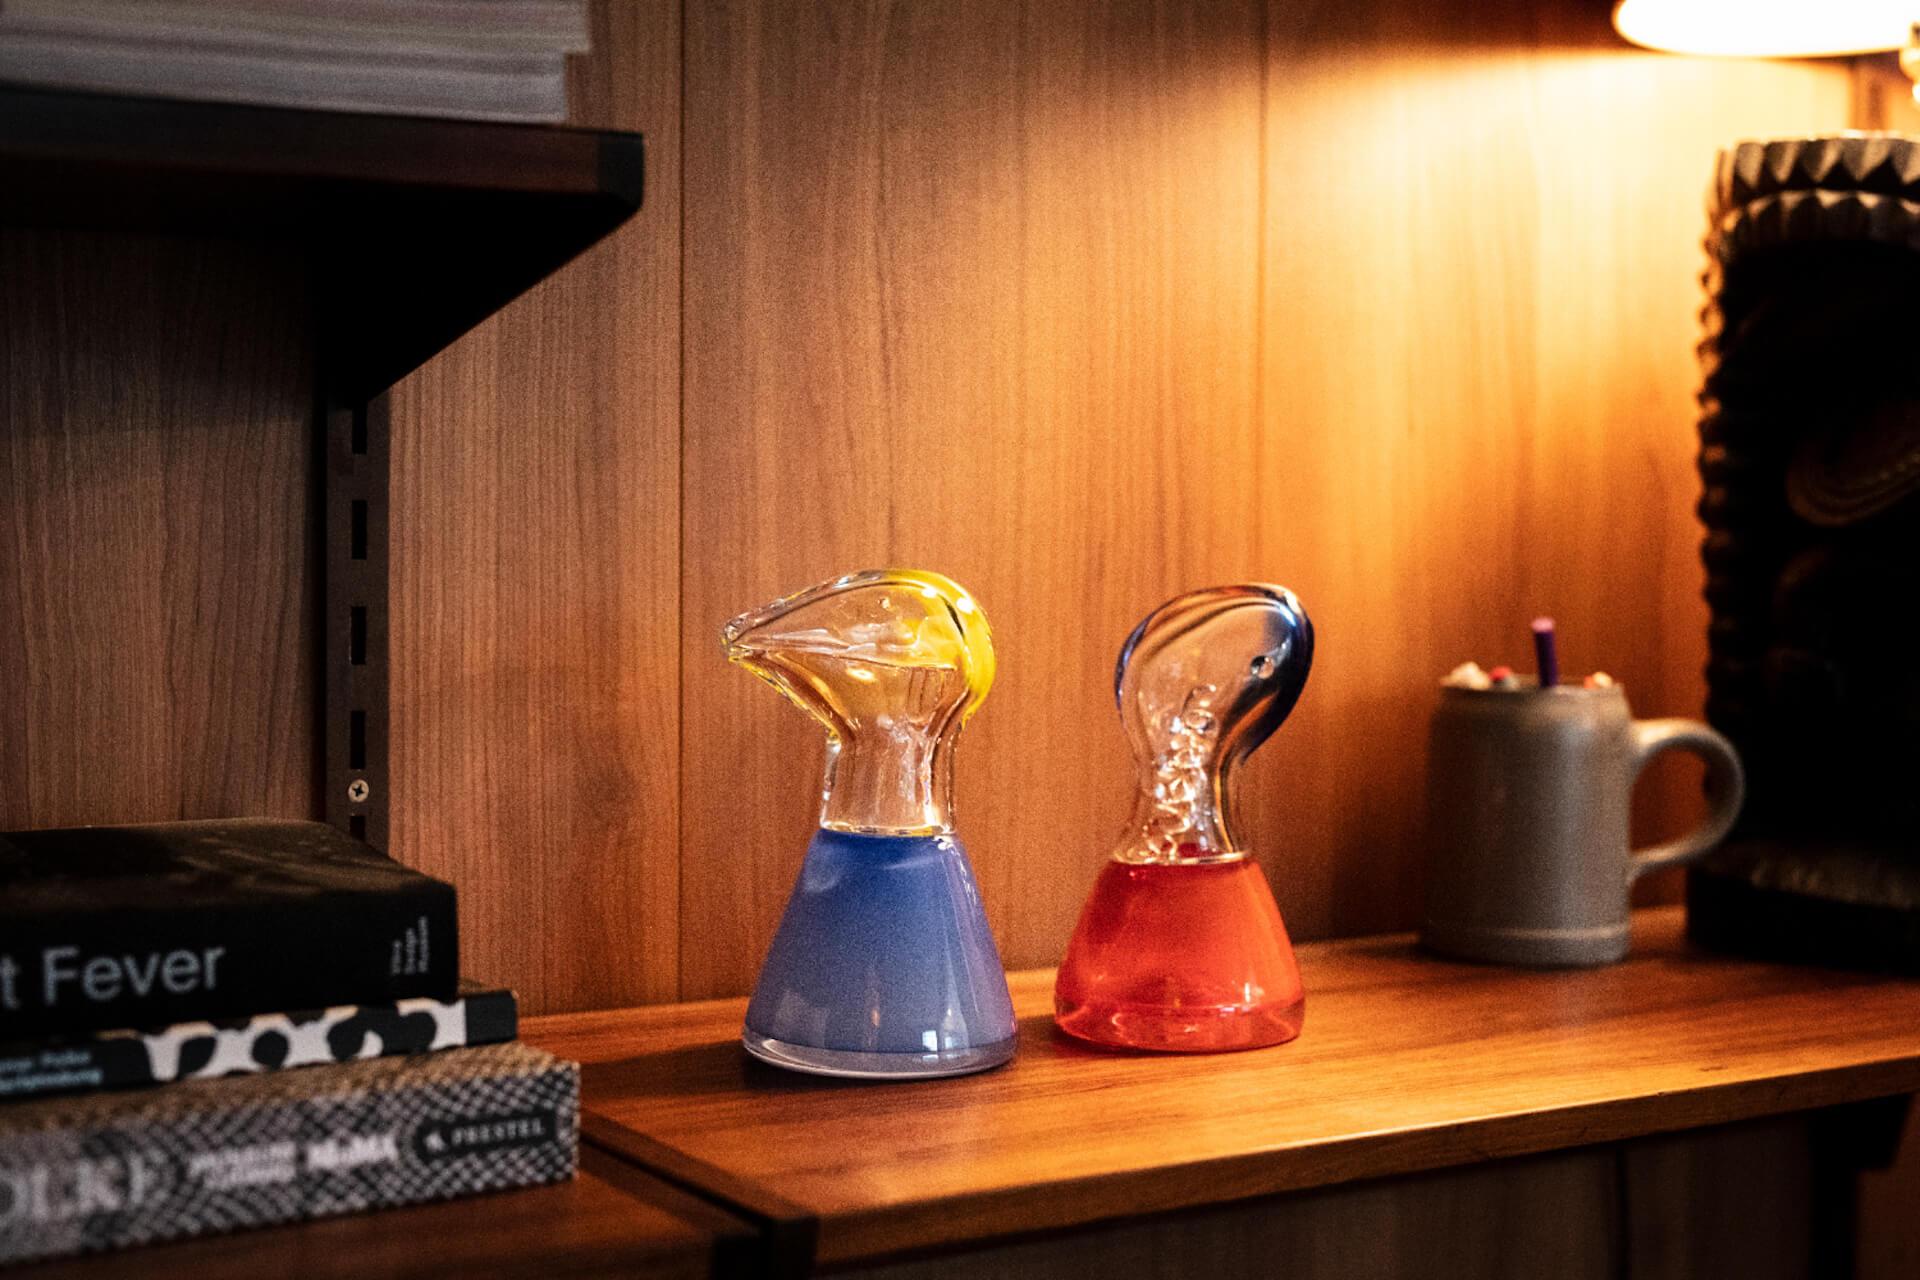 オオクボリュウのガラス作品第2弾『SAPPY COUPLE』が10作品限定で受注生産販売開始! art210423_ookuboryu-210423_2